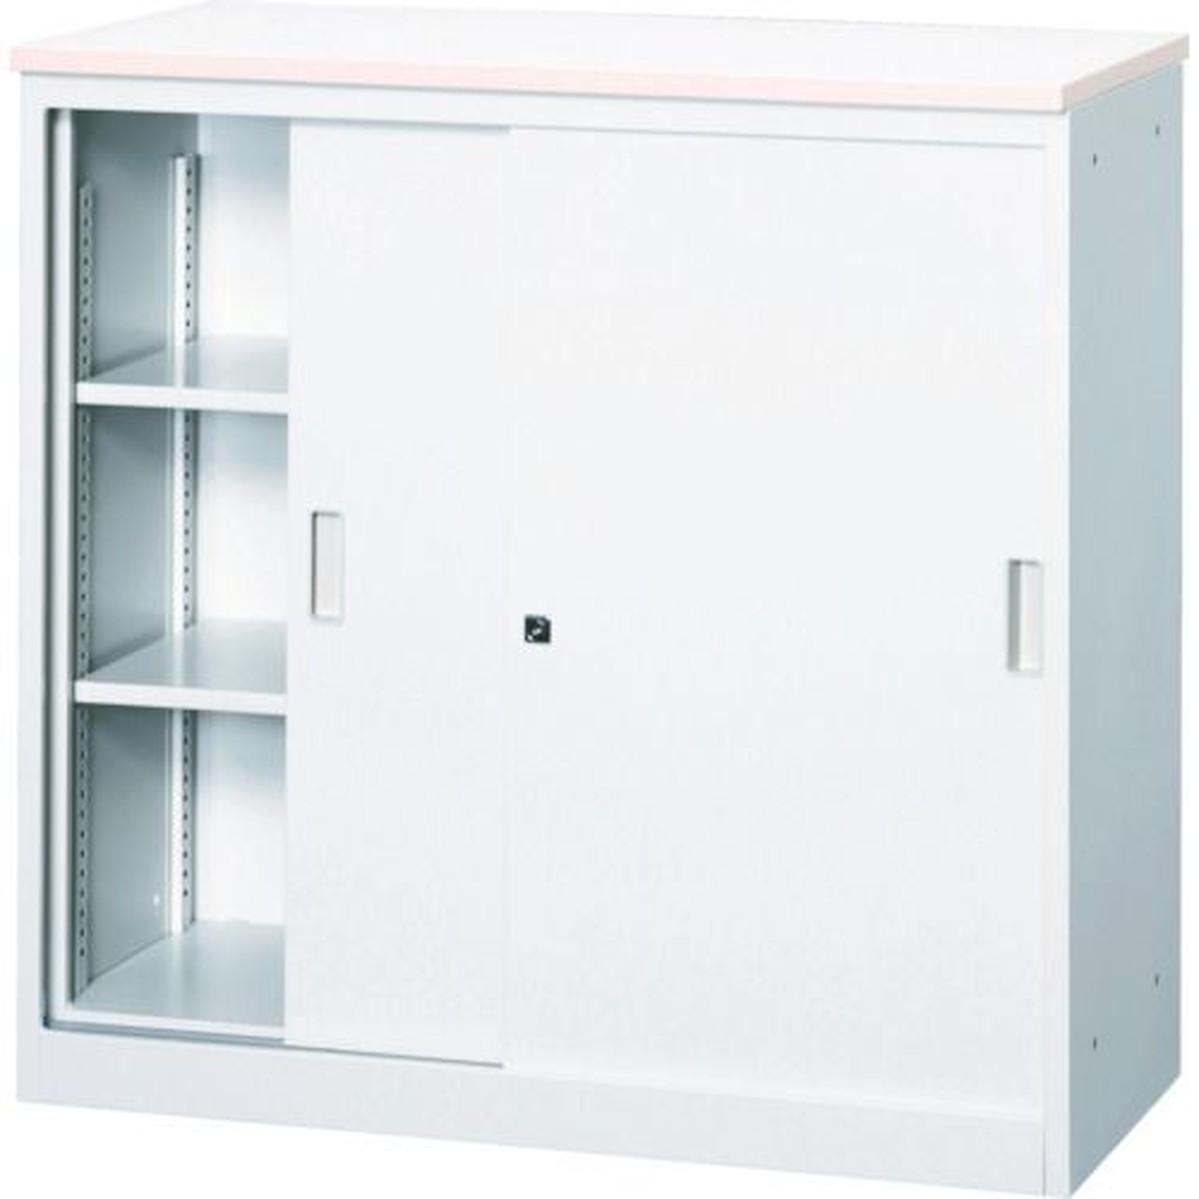 最適な価格 TRUSCO CVAカウンター TRUSCO W1800書庫型ハイカウンター 1台, 刺繍半襟 ひめ吉:ff5a16cd --- annhanco.com